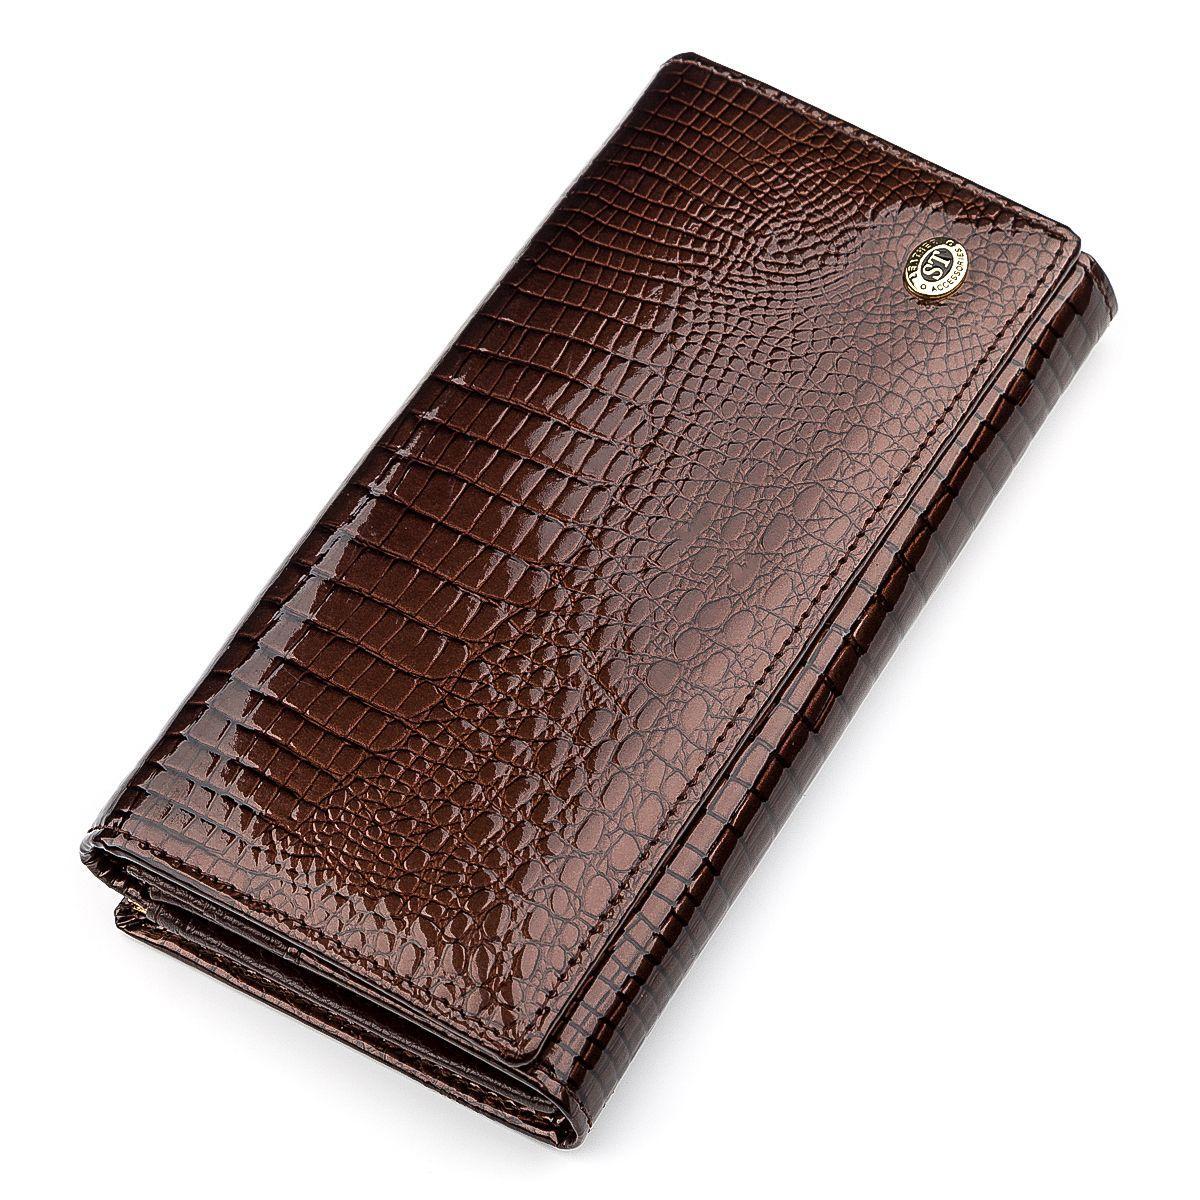 Кошелек женский ST Leather 18396 (S3001A) лакированная кожа Коричневый, Коричневый